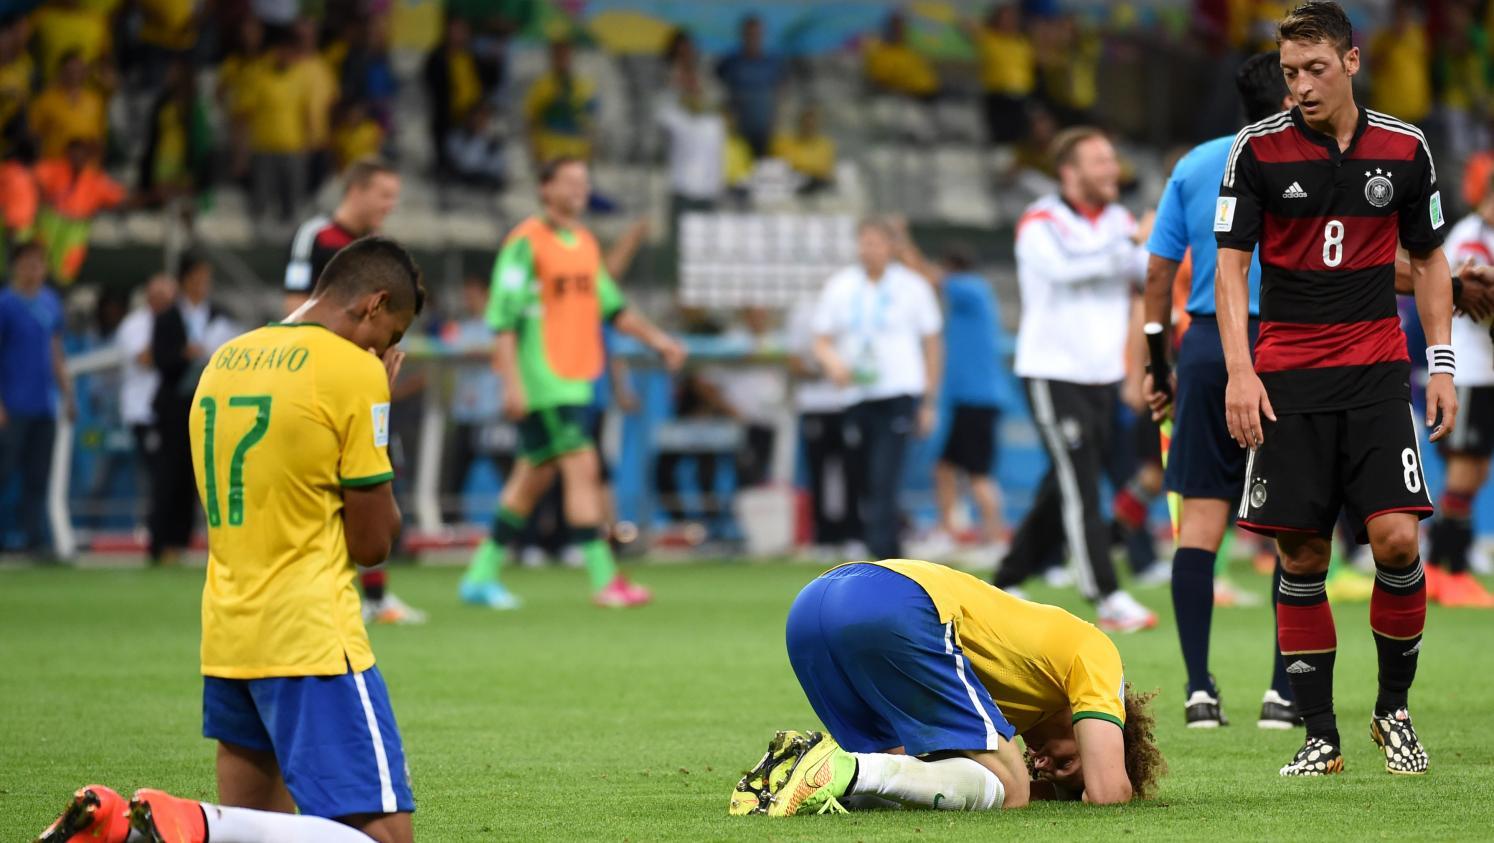 La m daille du jour les filets de la demi finale historique de la coupe du monde 2014 vendus - Coupe du monde historique ...